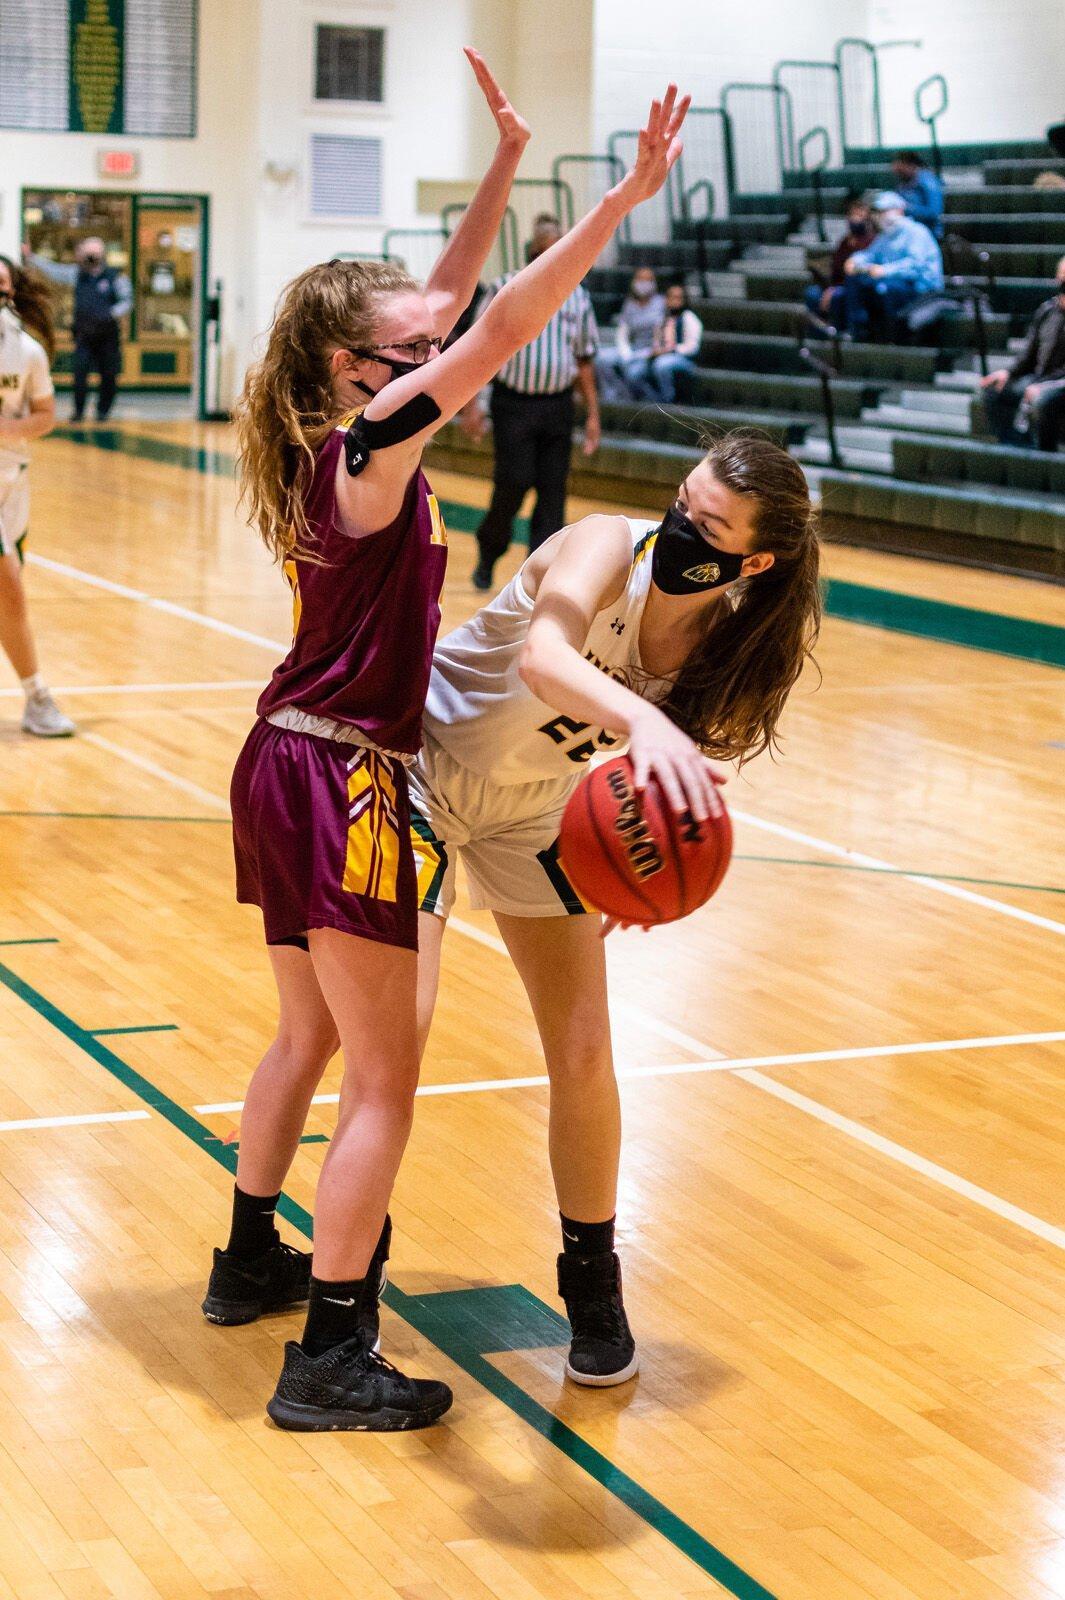 IRHS Girls' Basketball vs. Milford - Faith Predeoux-SLam-5157.jpg